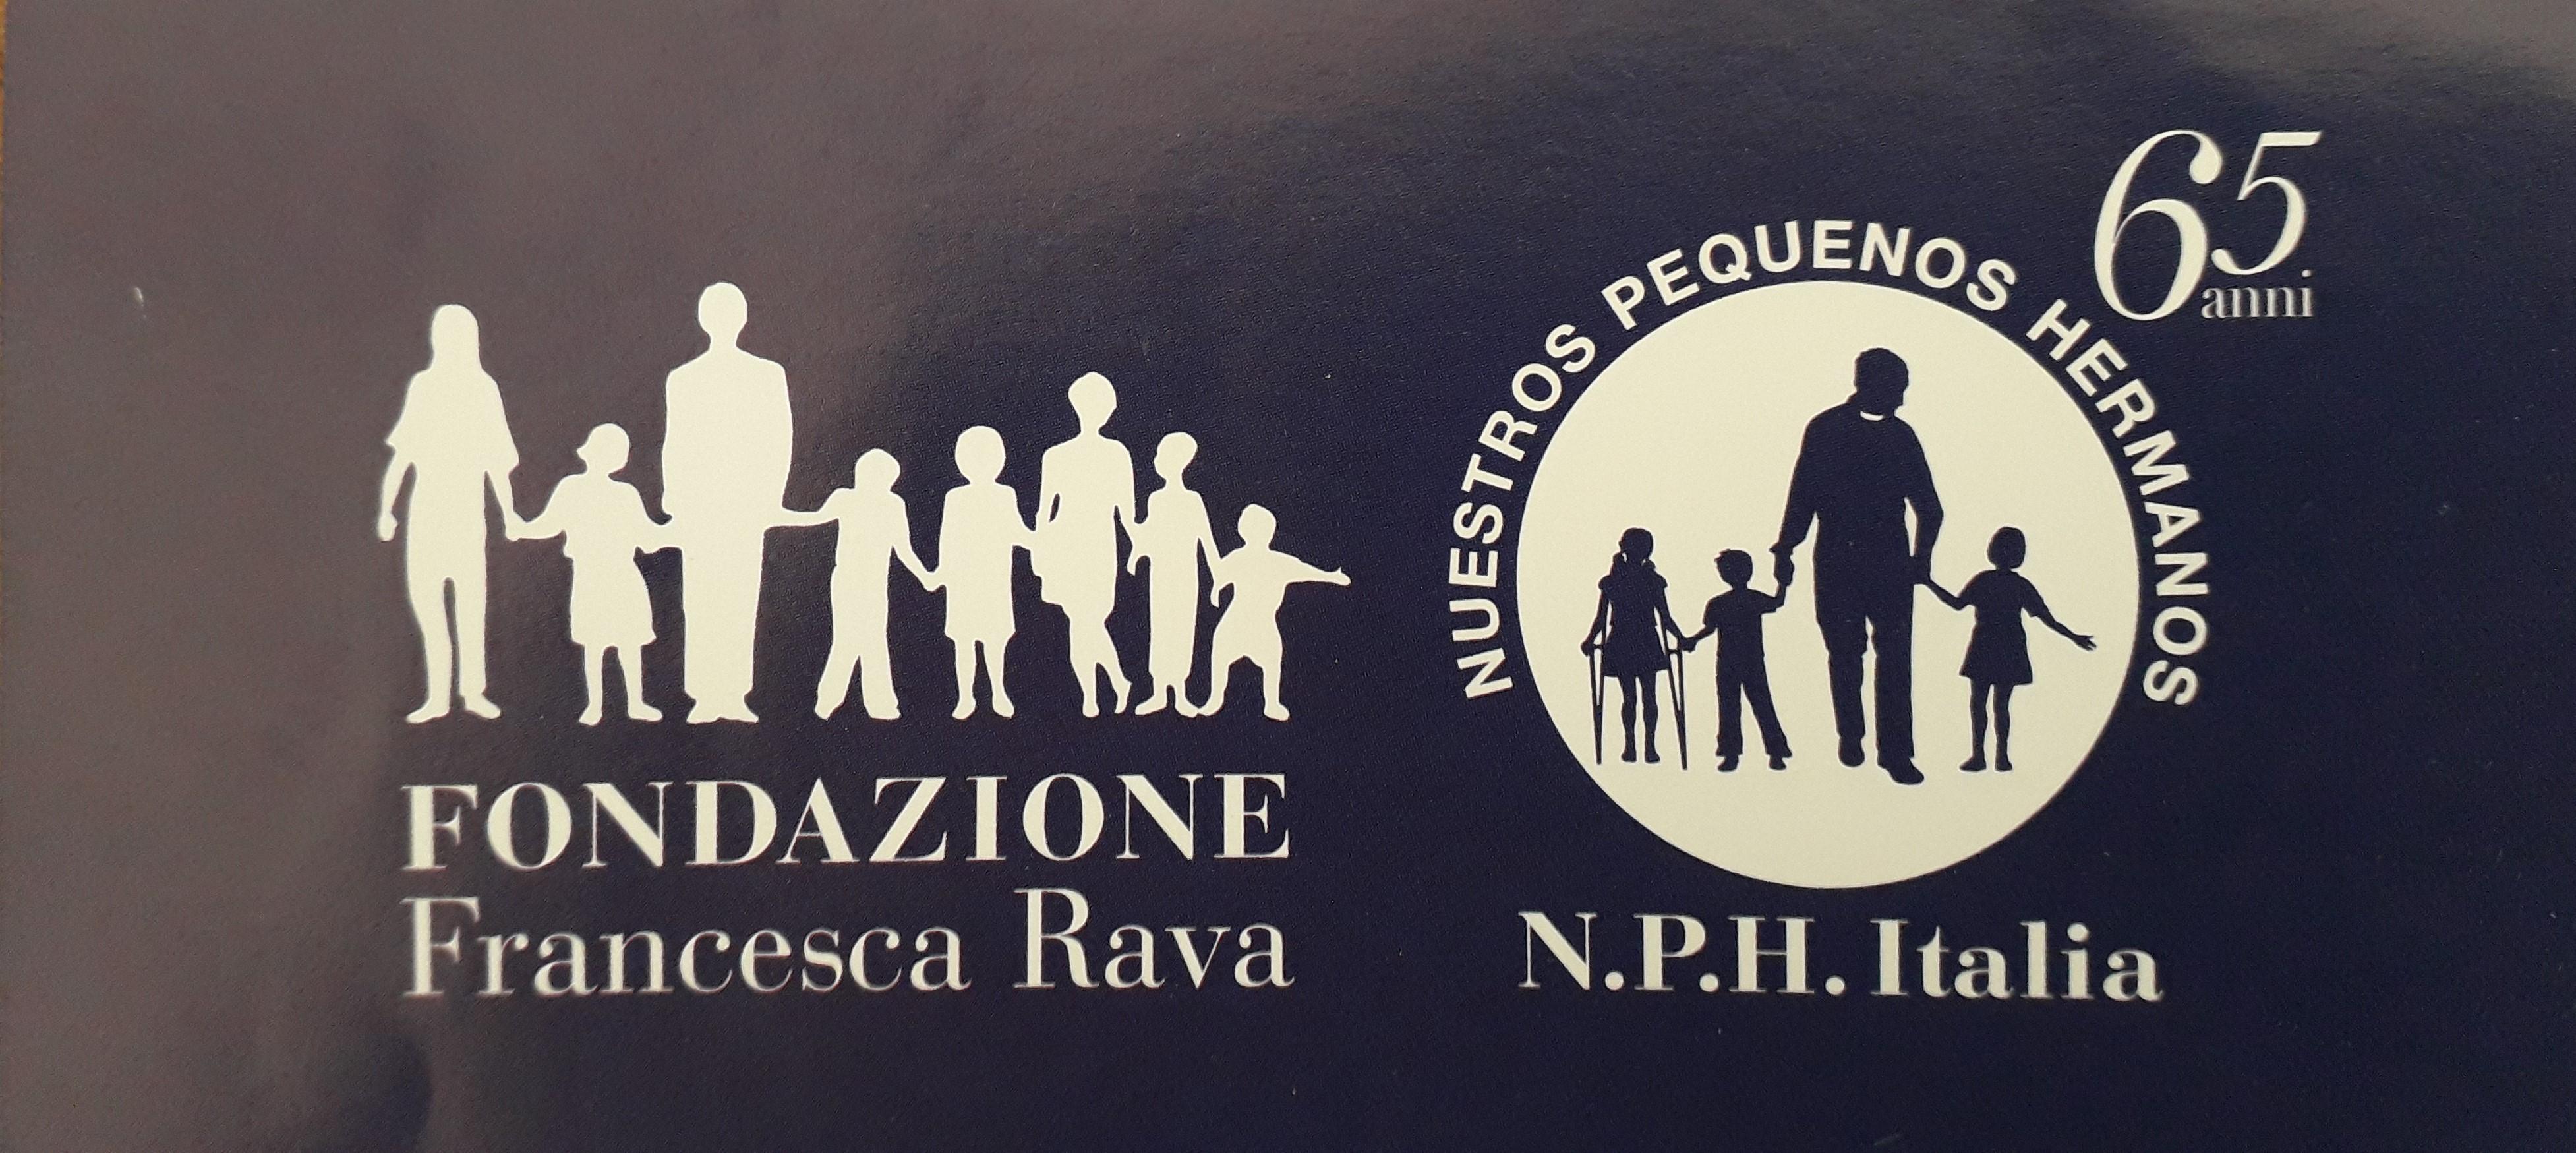 """Sanificazione – Fondazione """"Francesca Rava"""""""